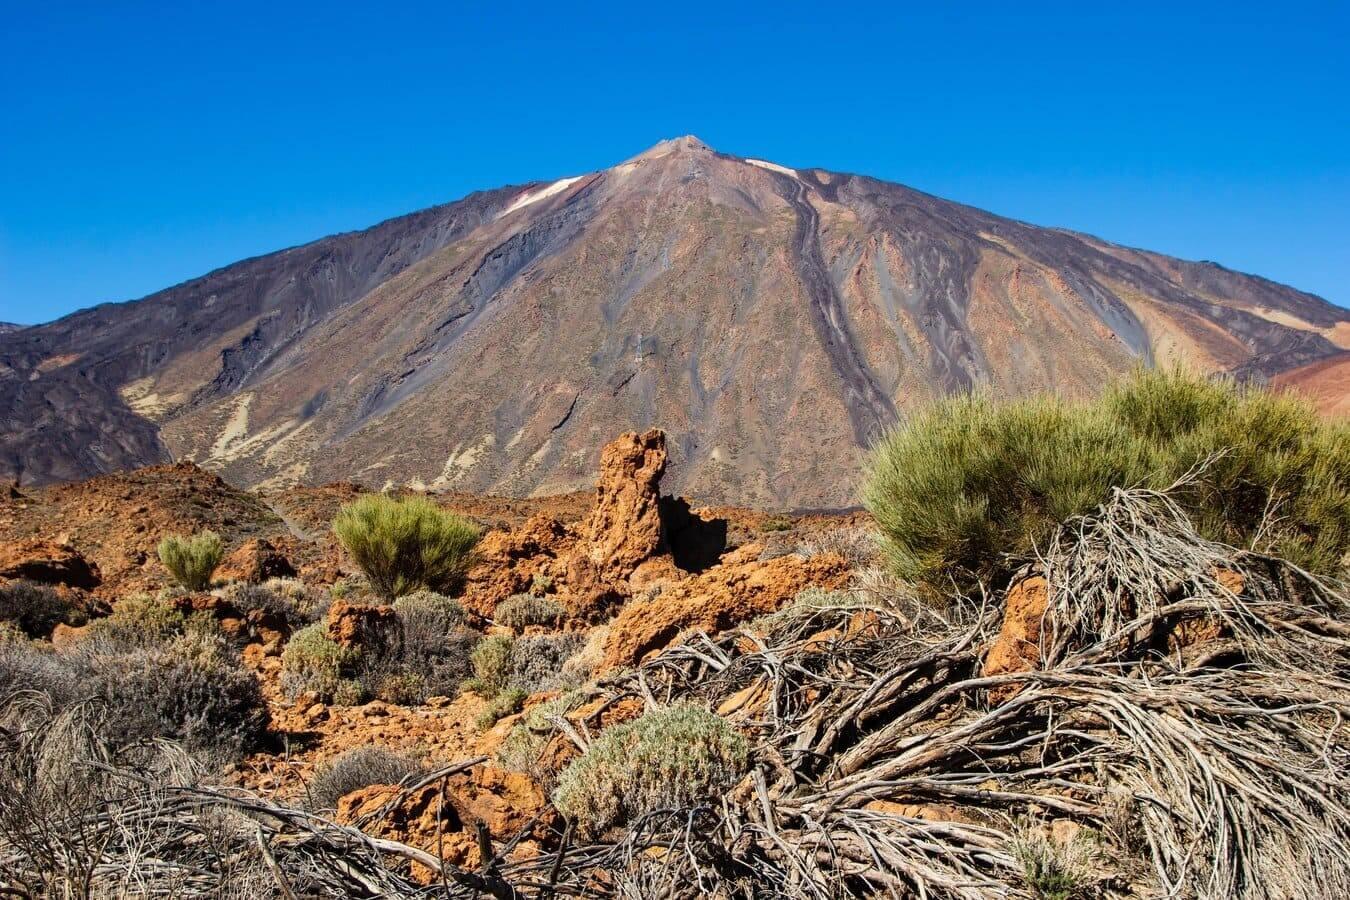 Volcán Teide en Tenerife